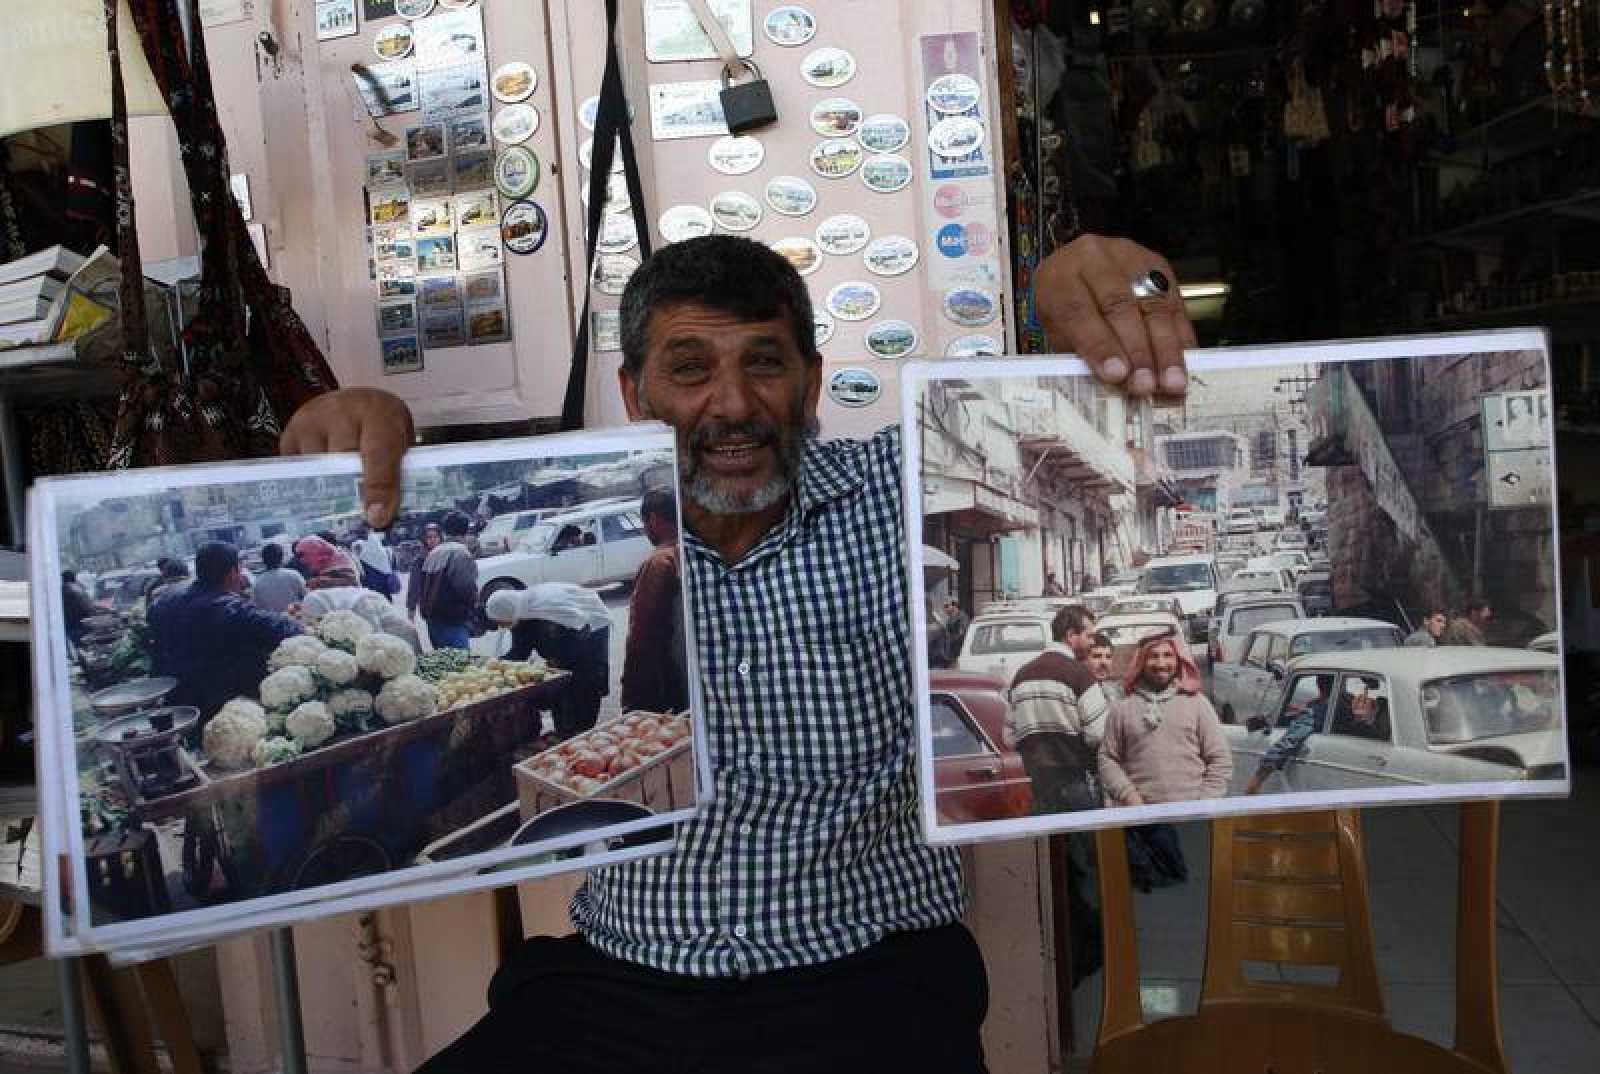 Abdel Raouf al-Mohtasseb, un palestino de 59 años que muestra imagenes del mercado de la ciudad antigua de Hebron en los primeros años tras la guerra de 1967.